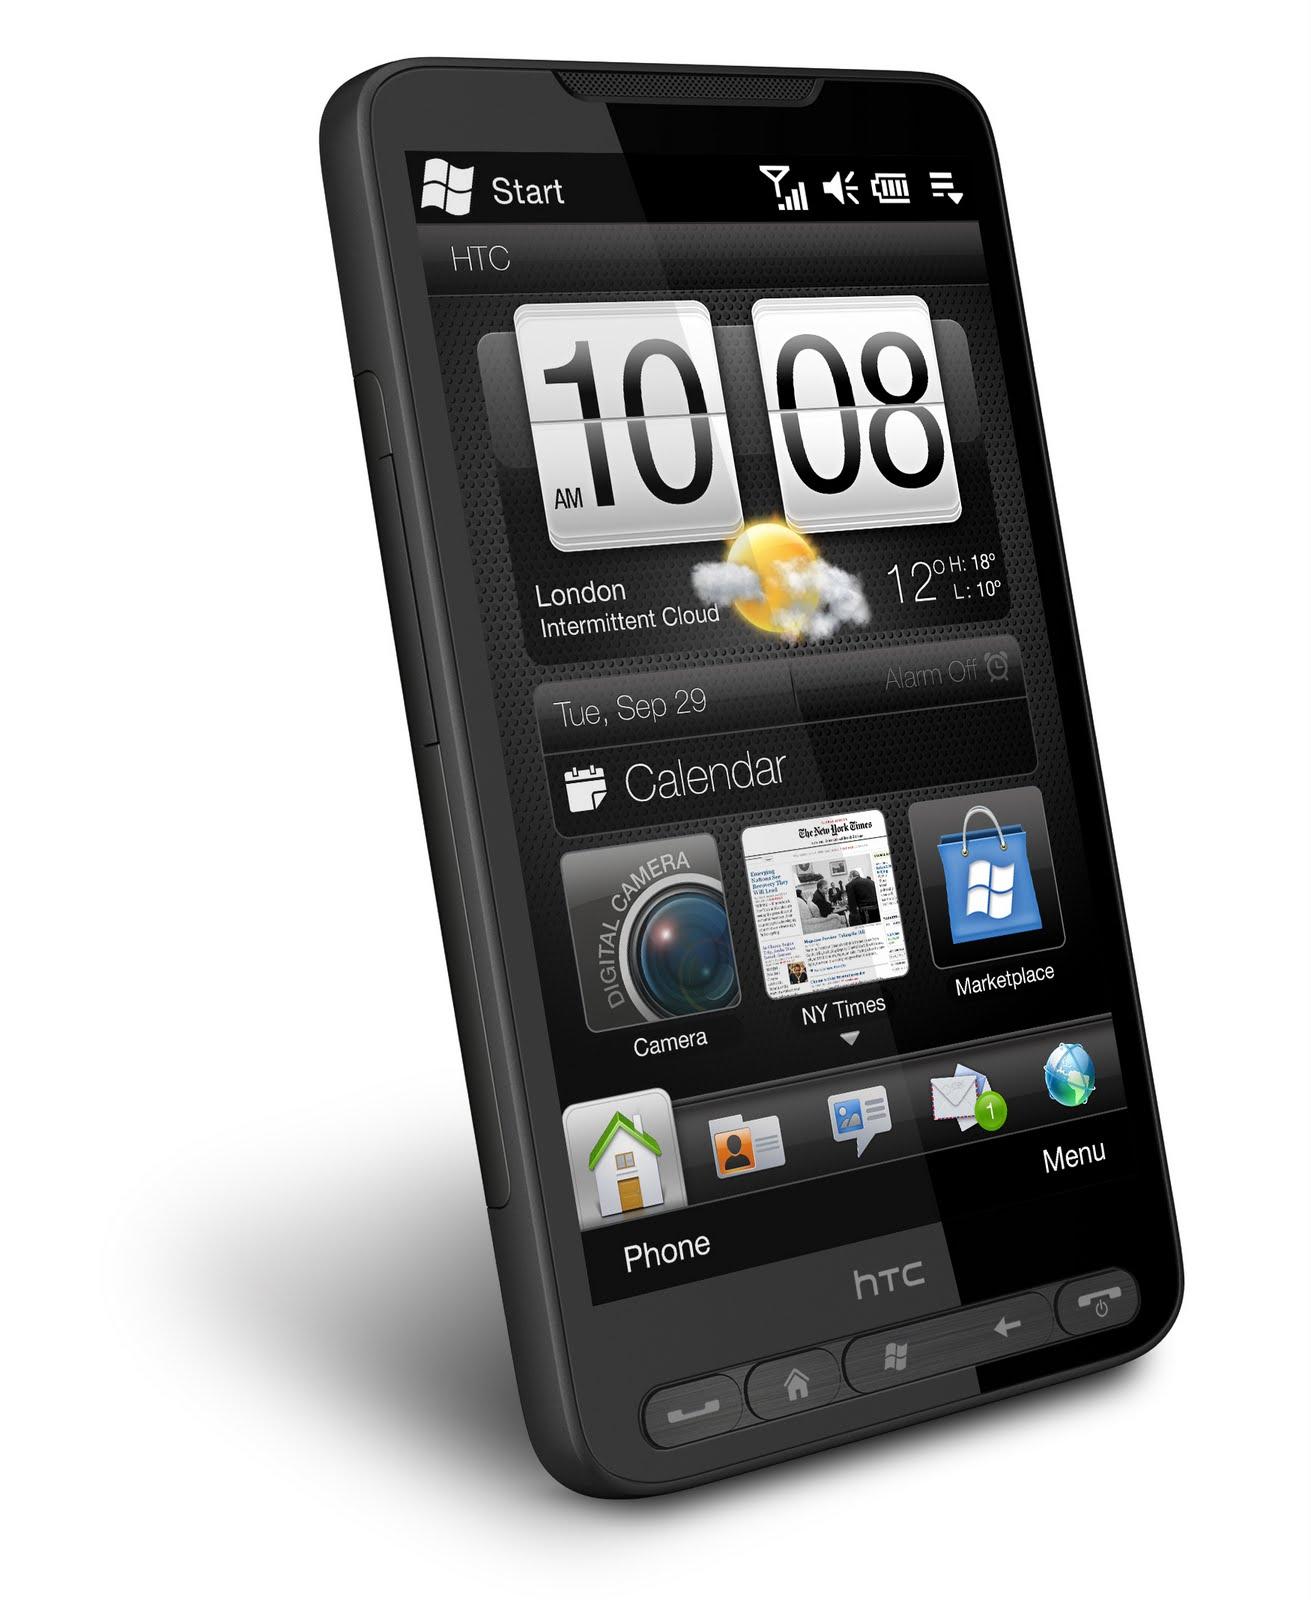 http://2.bp.blogspot.com/_hYO_PM2F0sg/S-jz-yk8r4I/AAAAAAAAAZk/aeIO5CF8ddI/s1600/HTC+HD2+(3).jpg